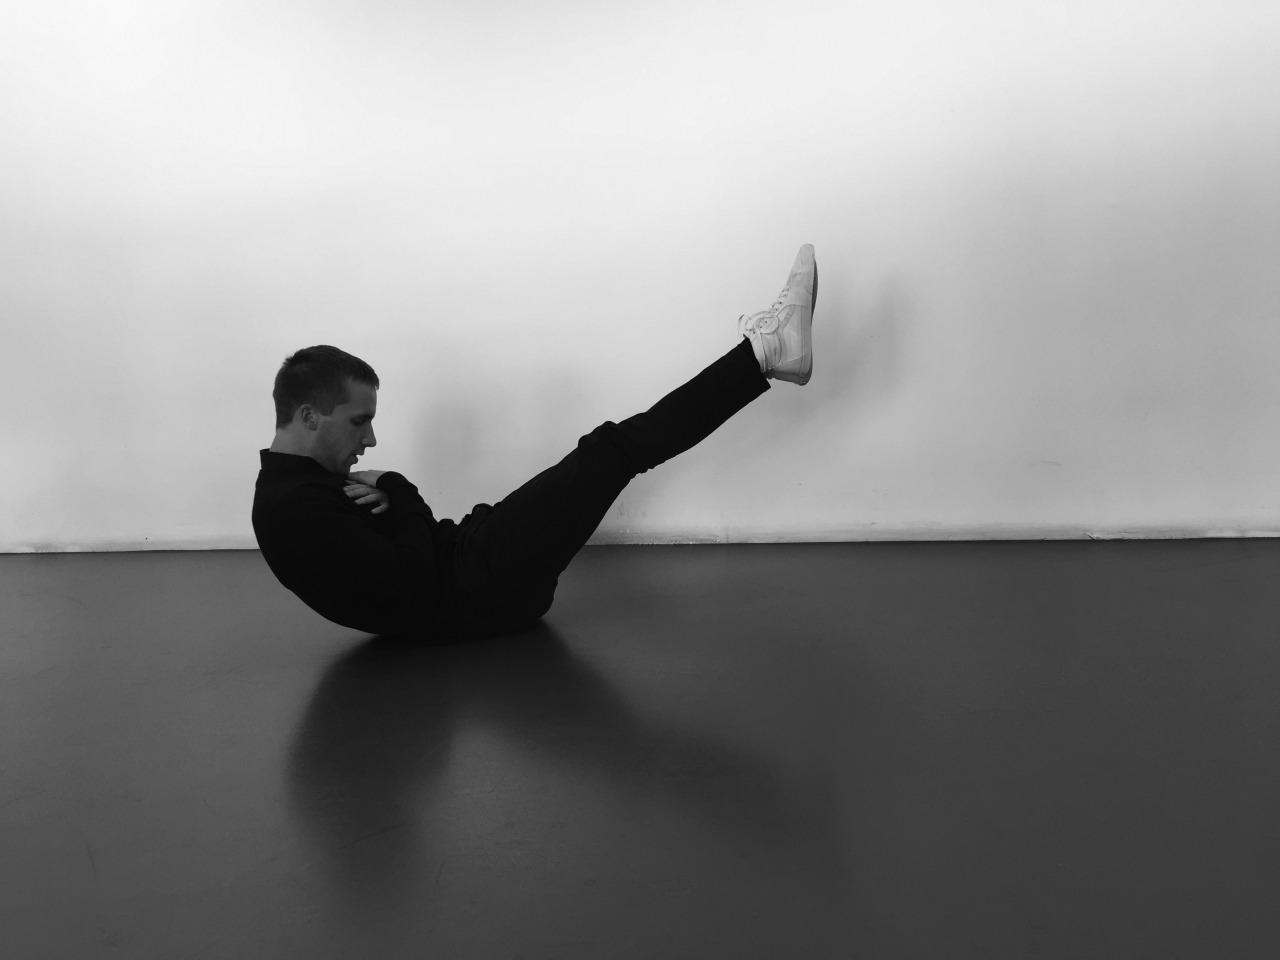 Nike — by Studio Dumbar